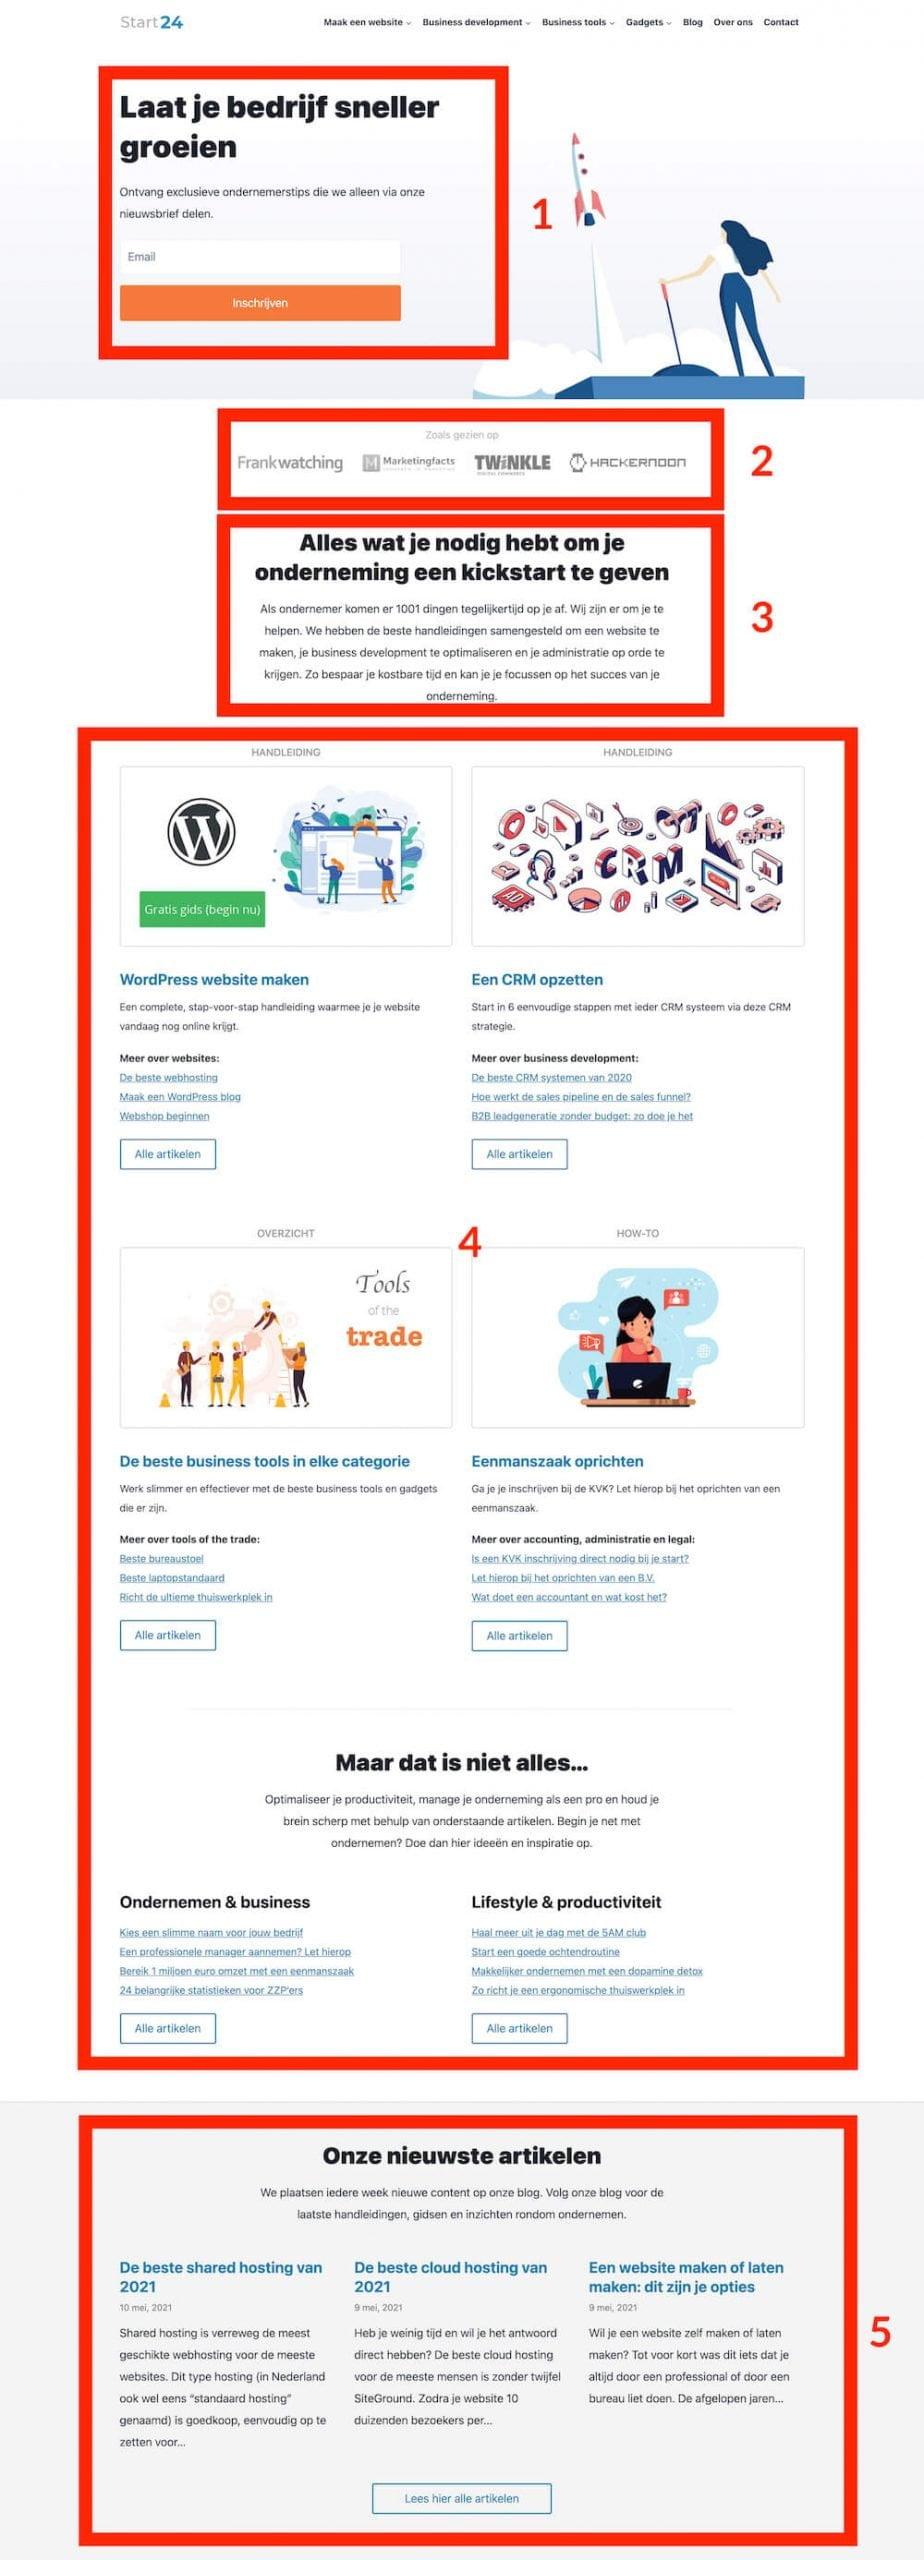 Start24 homepage